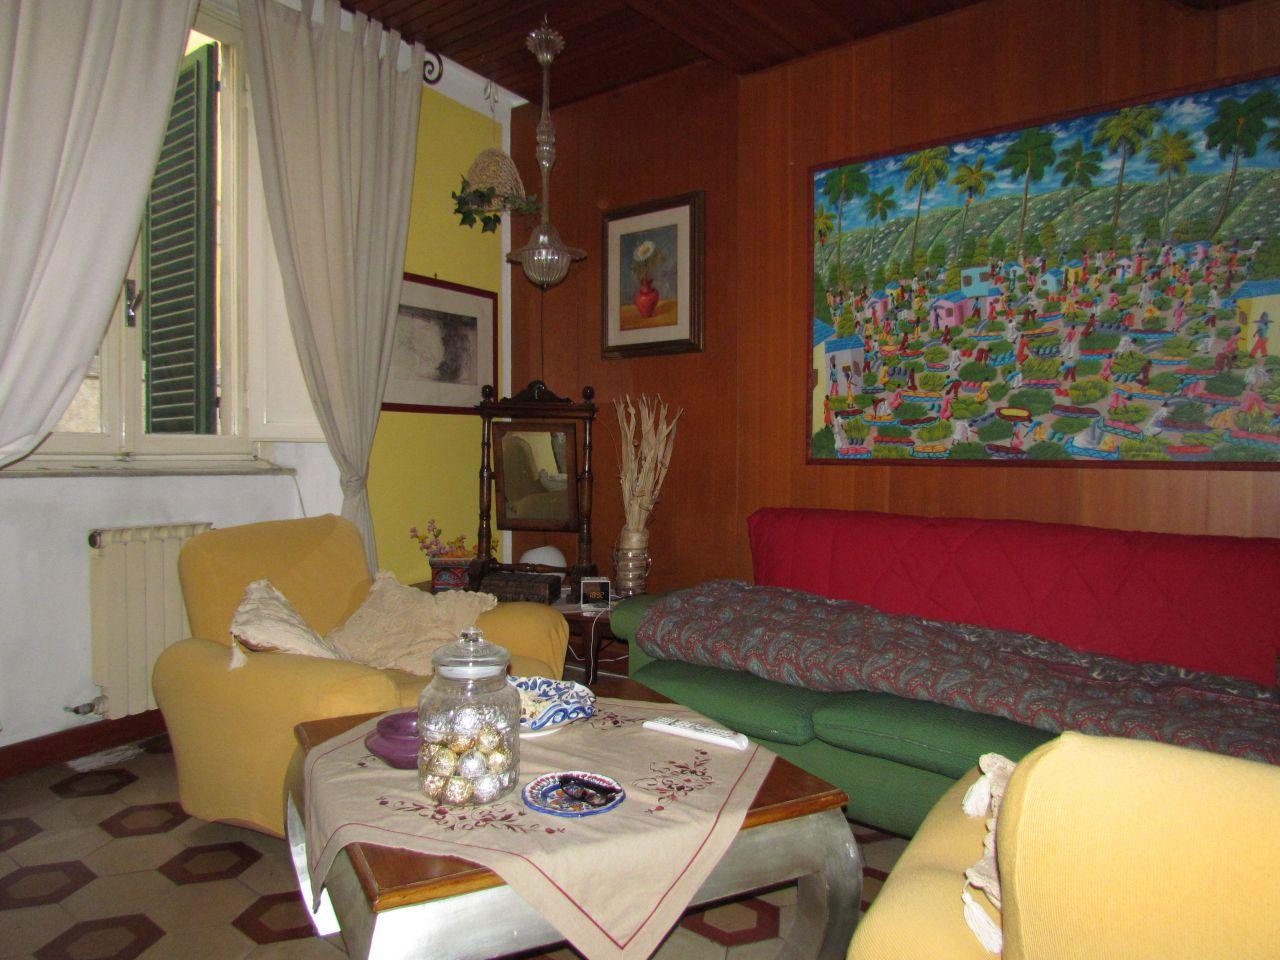 Appartamento in vendita a Lucca, 7 locali, zona Località: CENTRO STORICO, prezzo € 298.000 | Cambio Casa.it